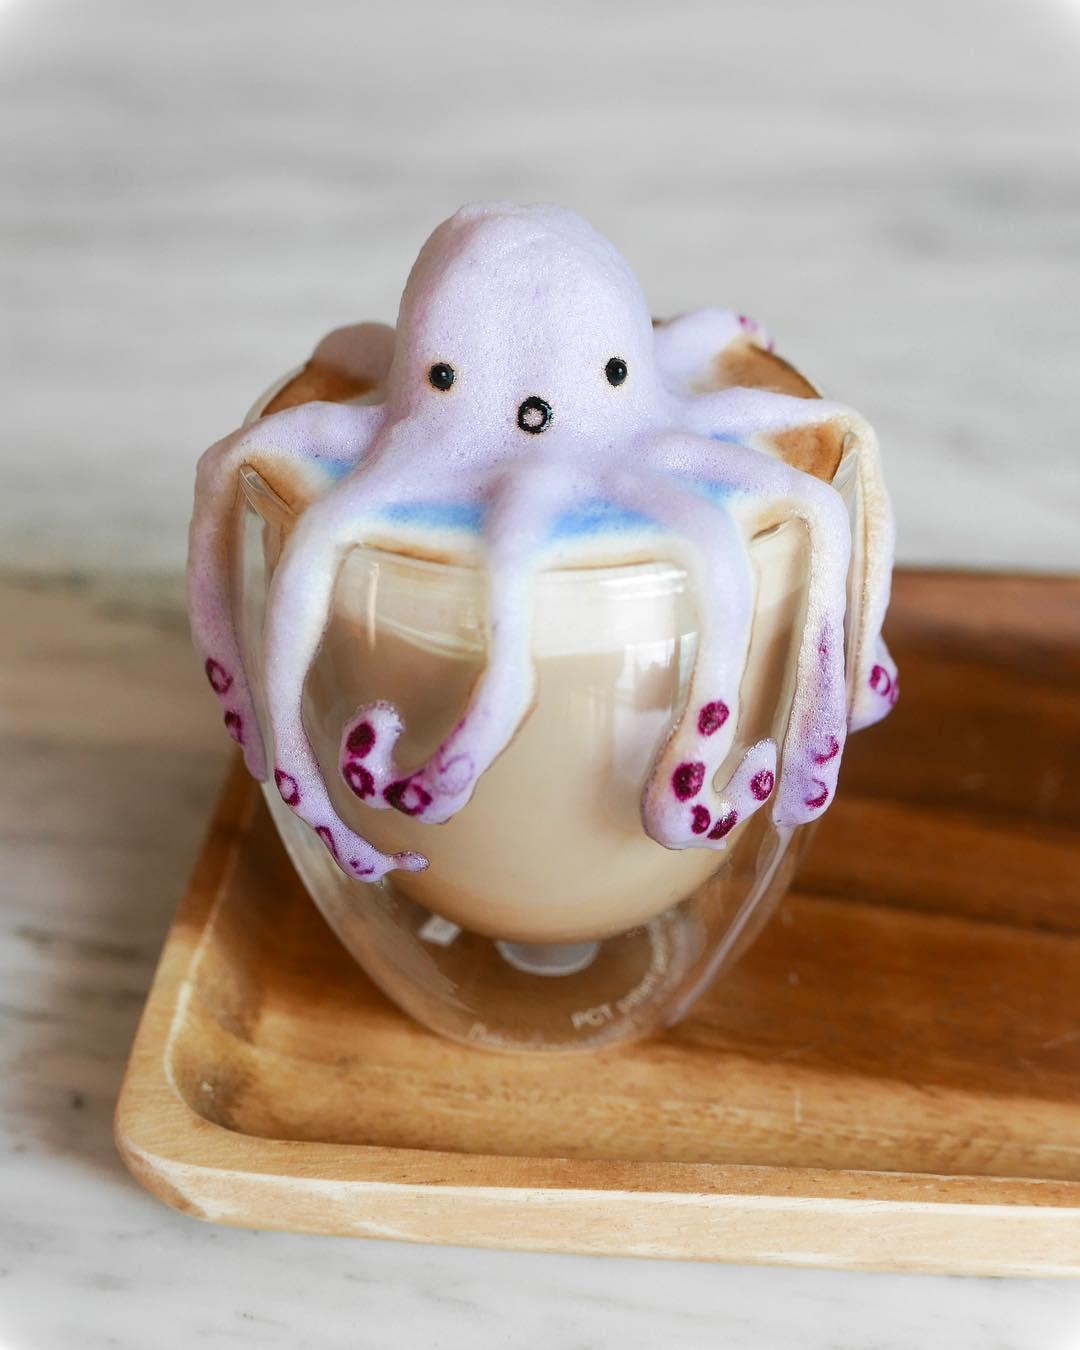 15 tác phẩm tranh vẽ latte khiến hội ghiền cà phê thích mê - Ảnh 1.